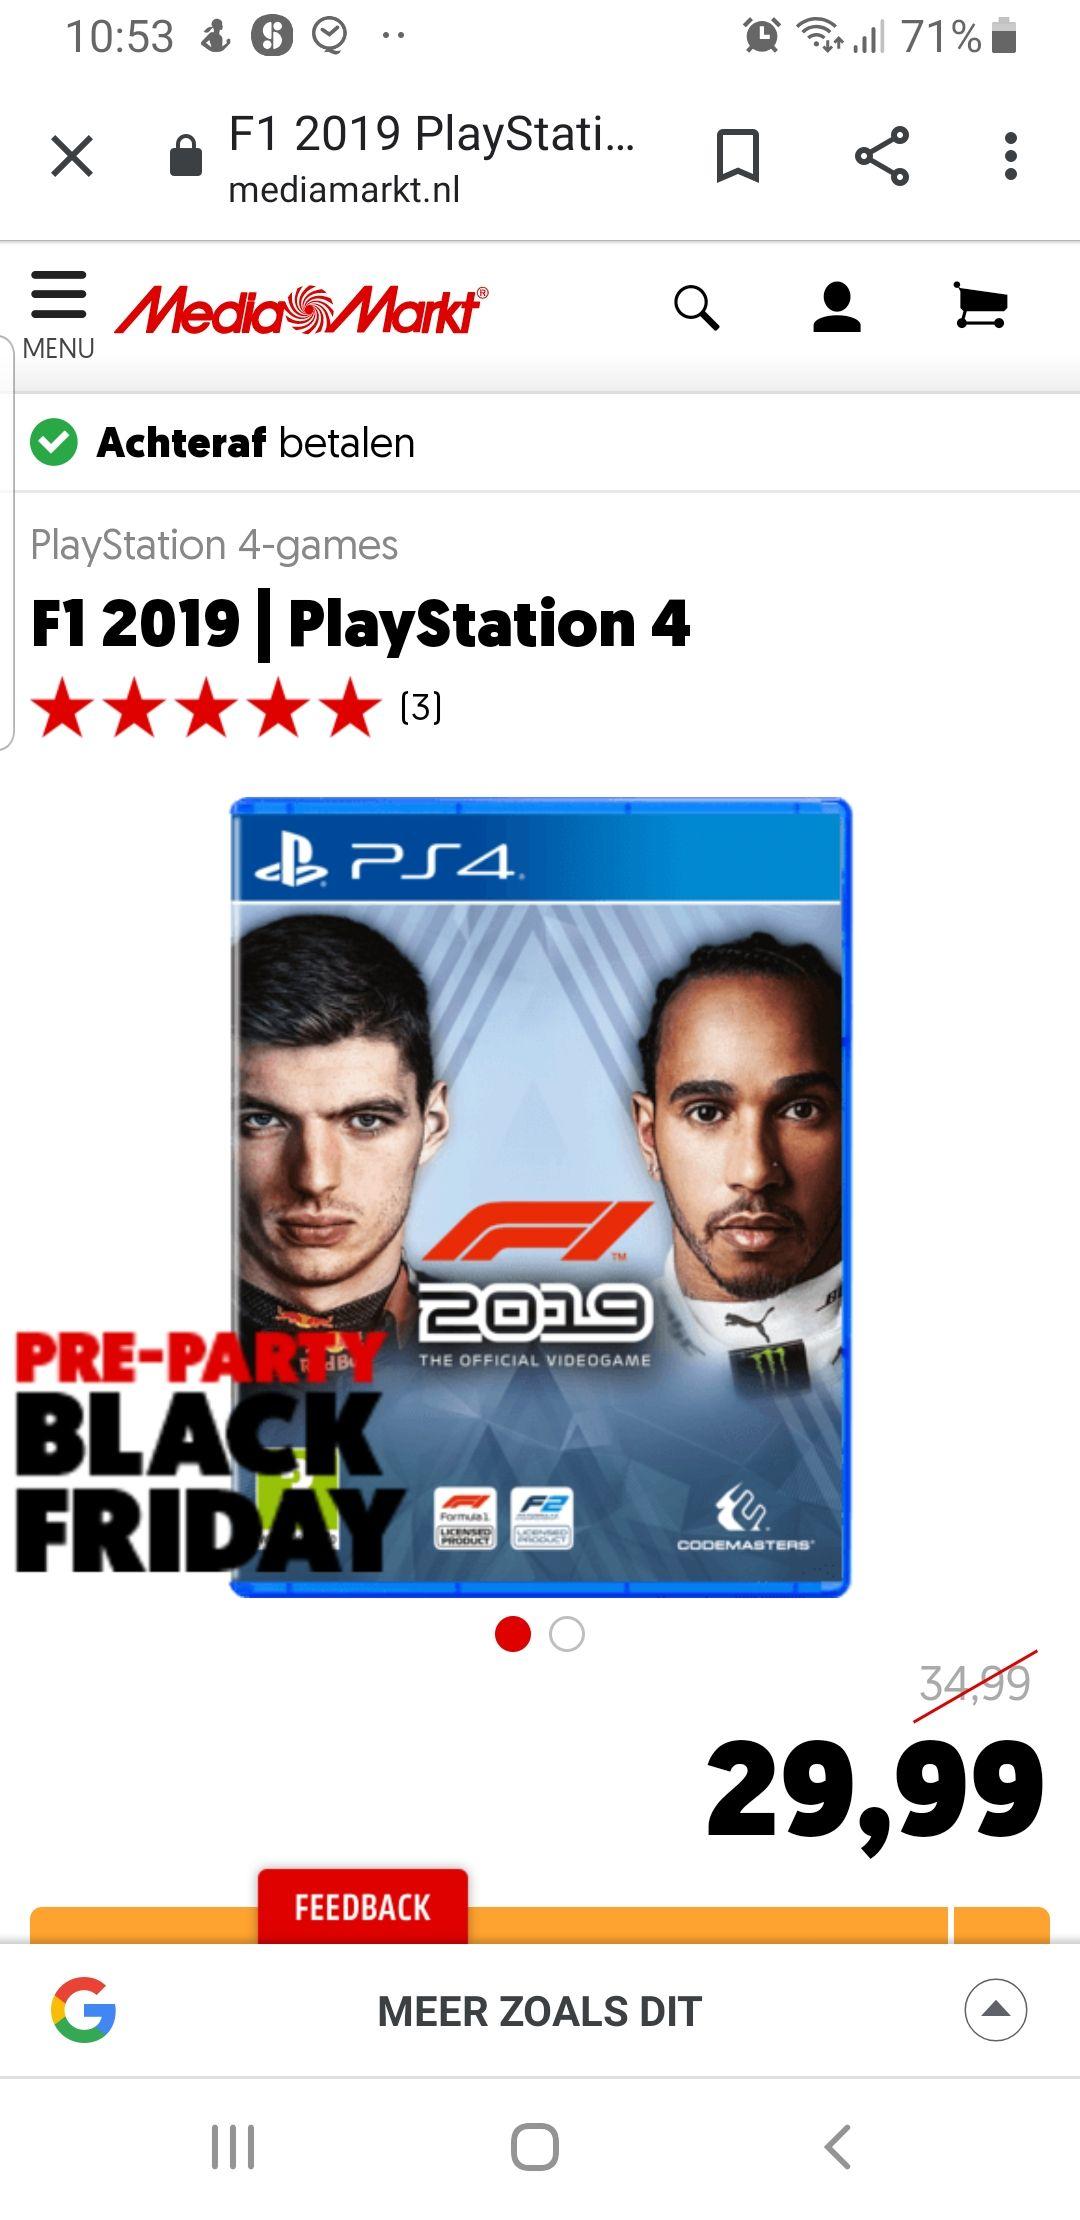 Media Markt Black Friday PS4 Deal: F1 2019 | PlayStation 4